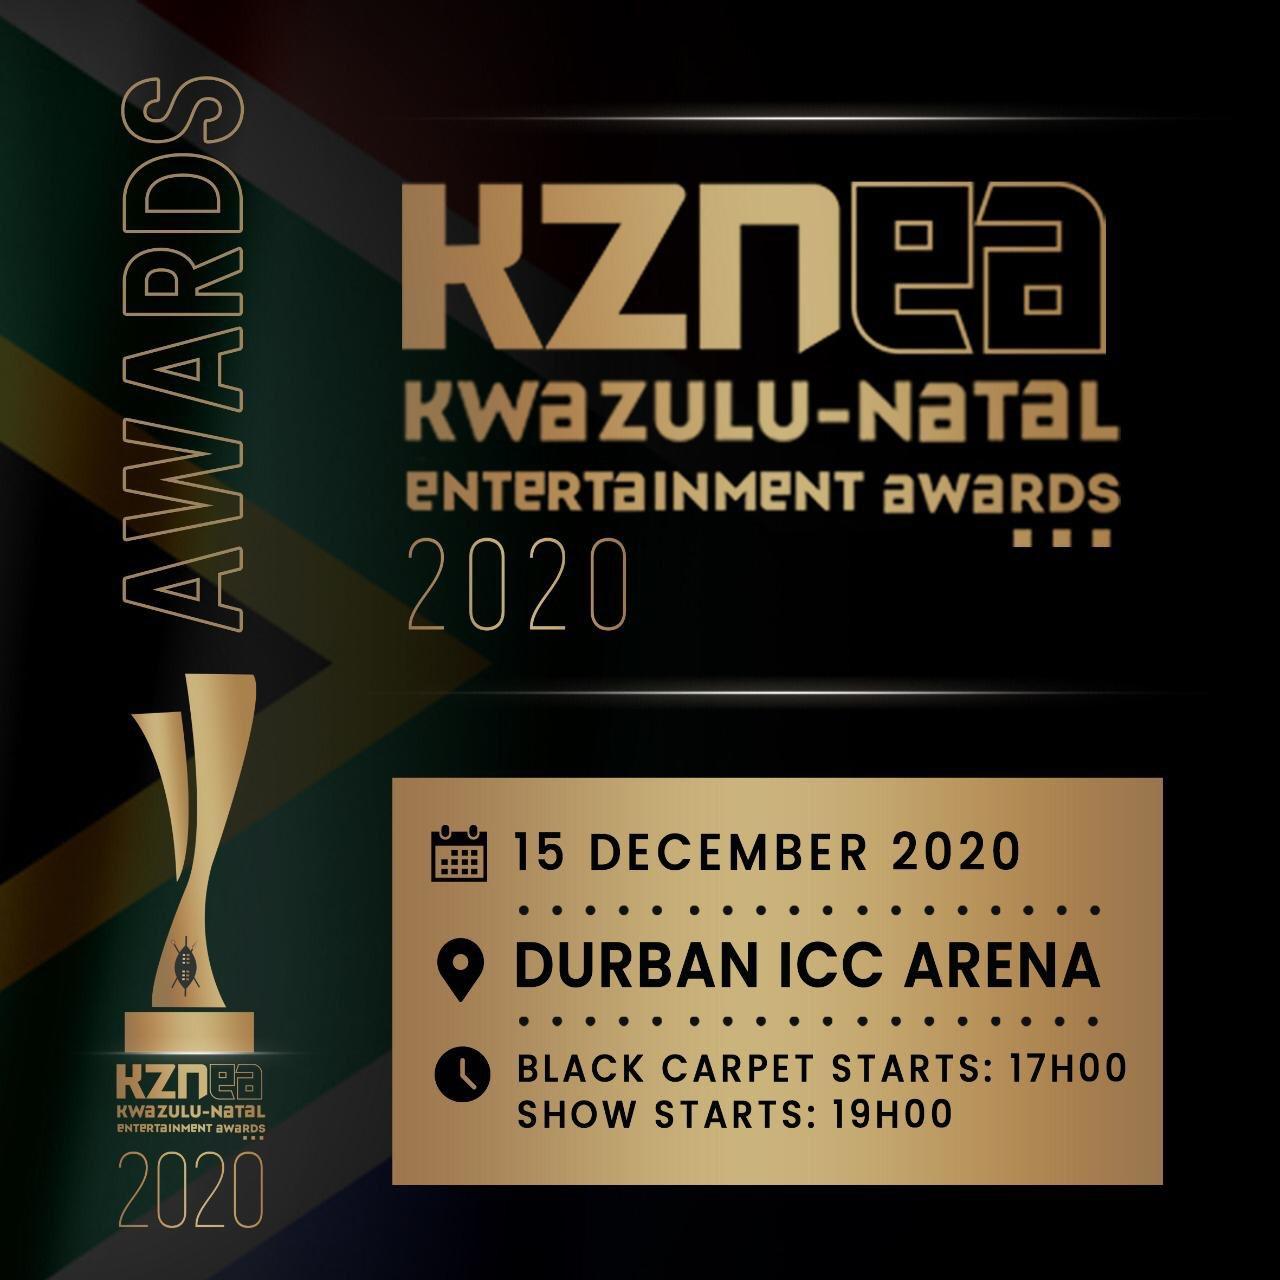 KZN Entertainment Awards 2020